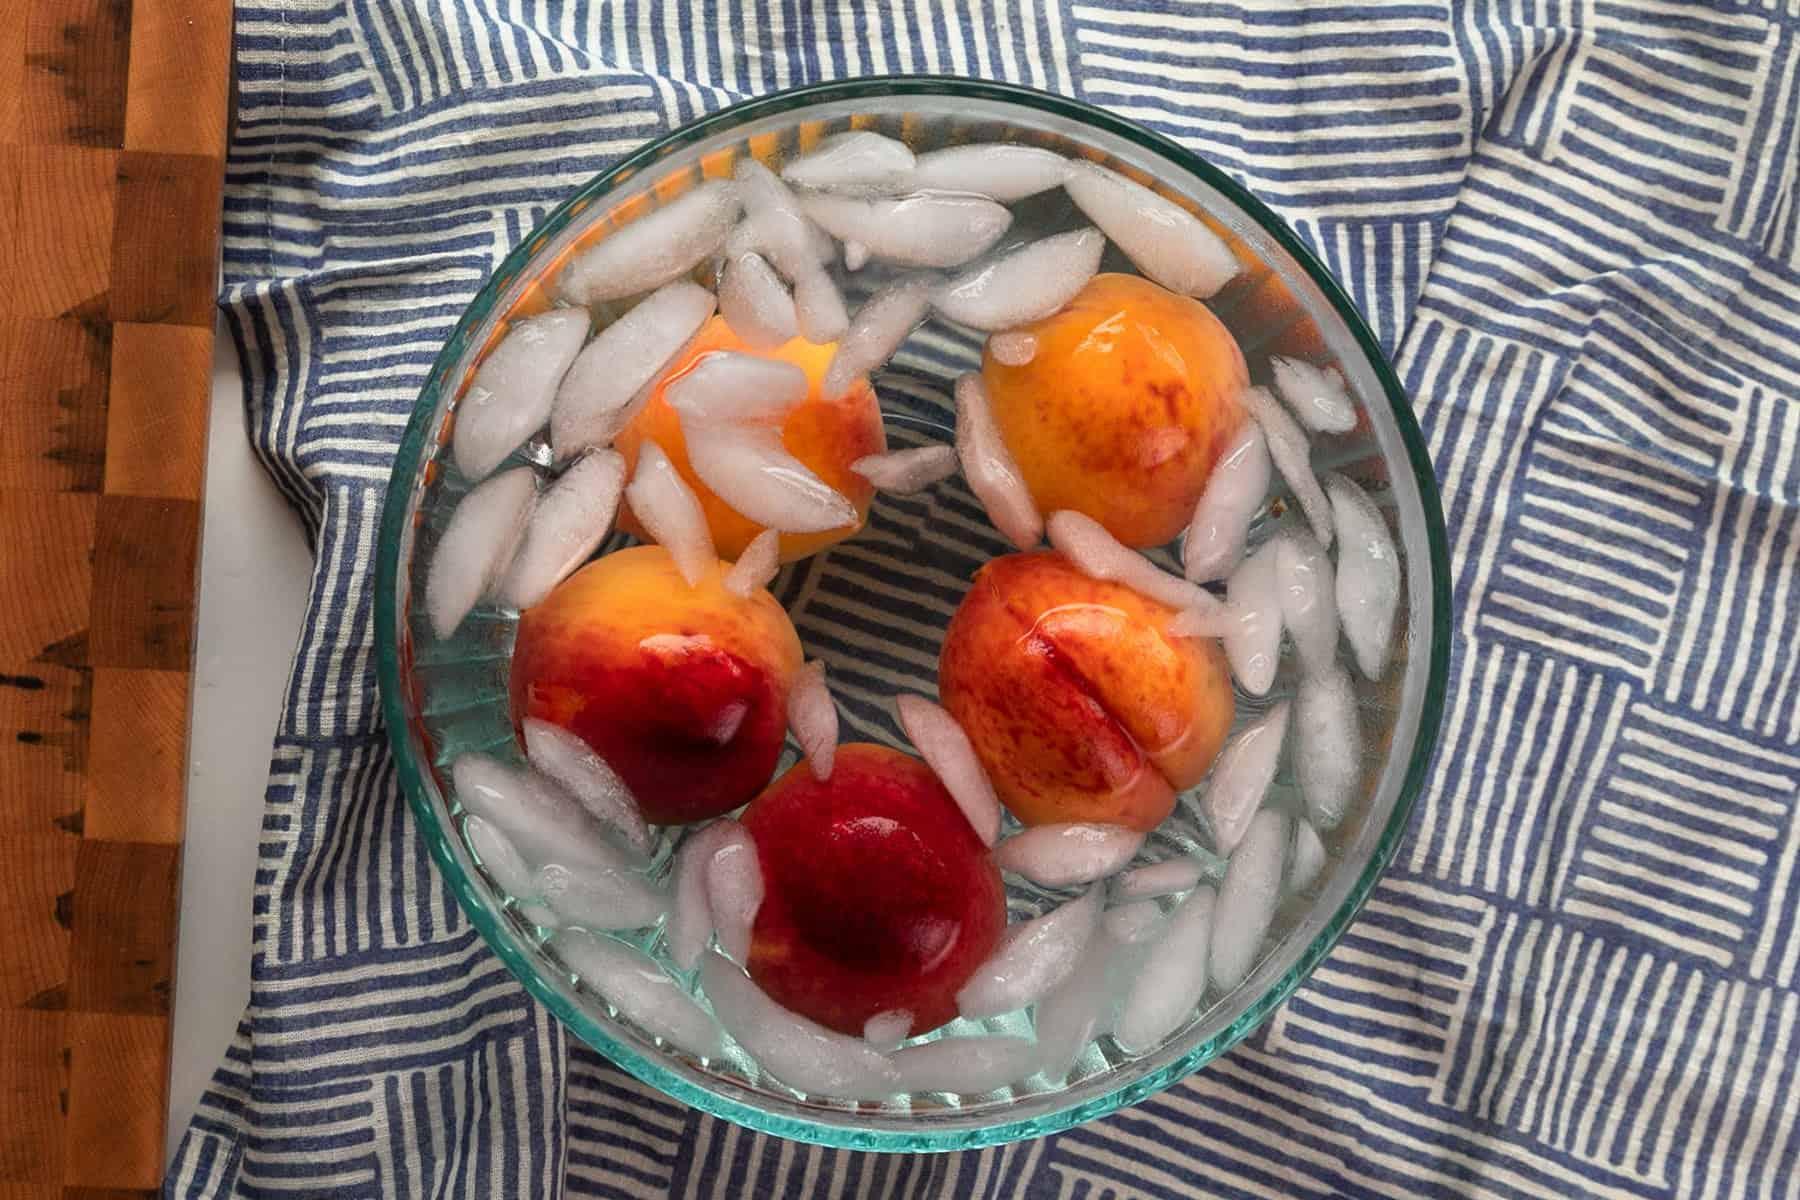 whole peaches in an ice bath